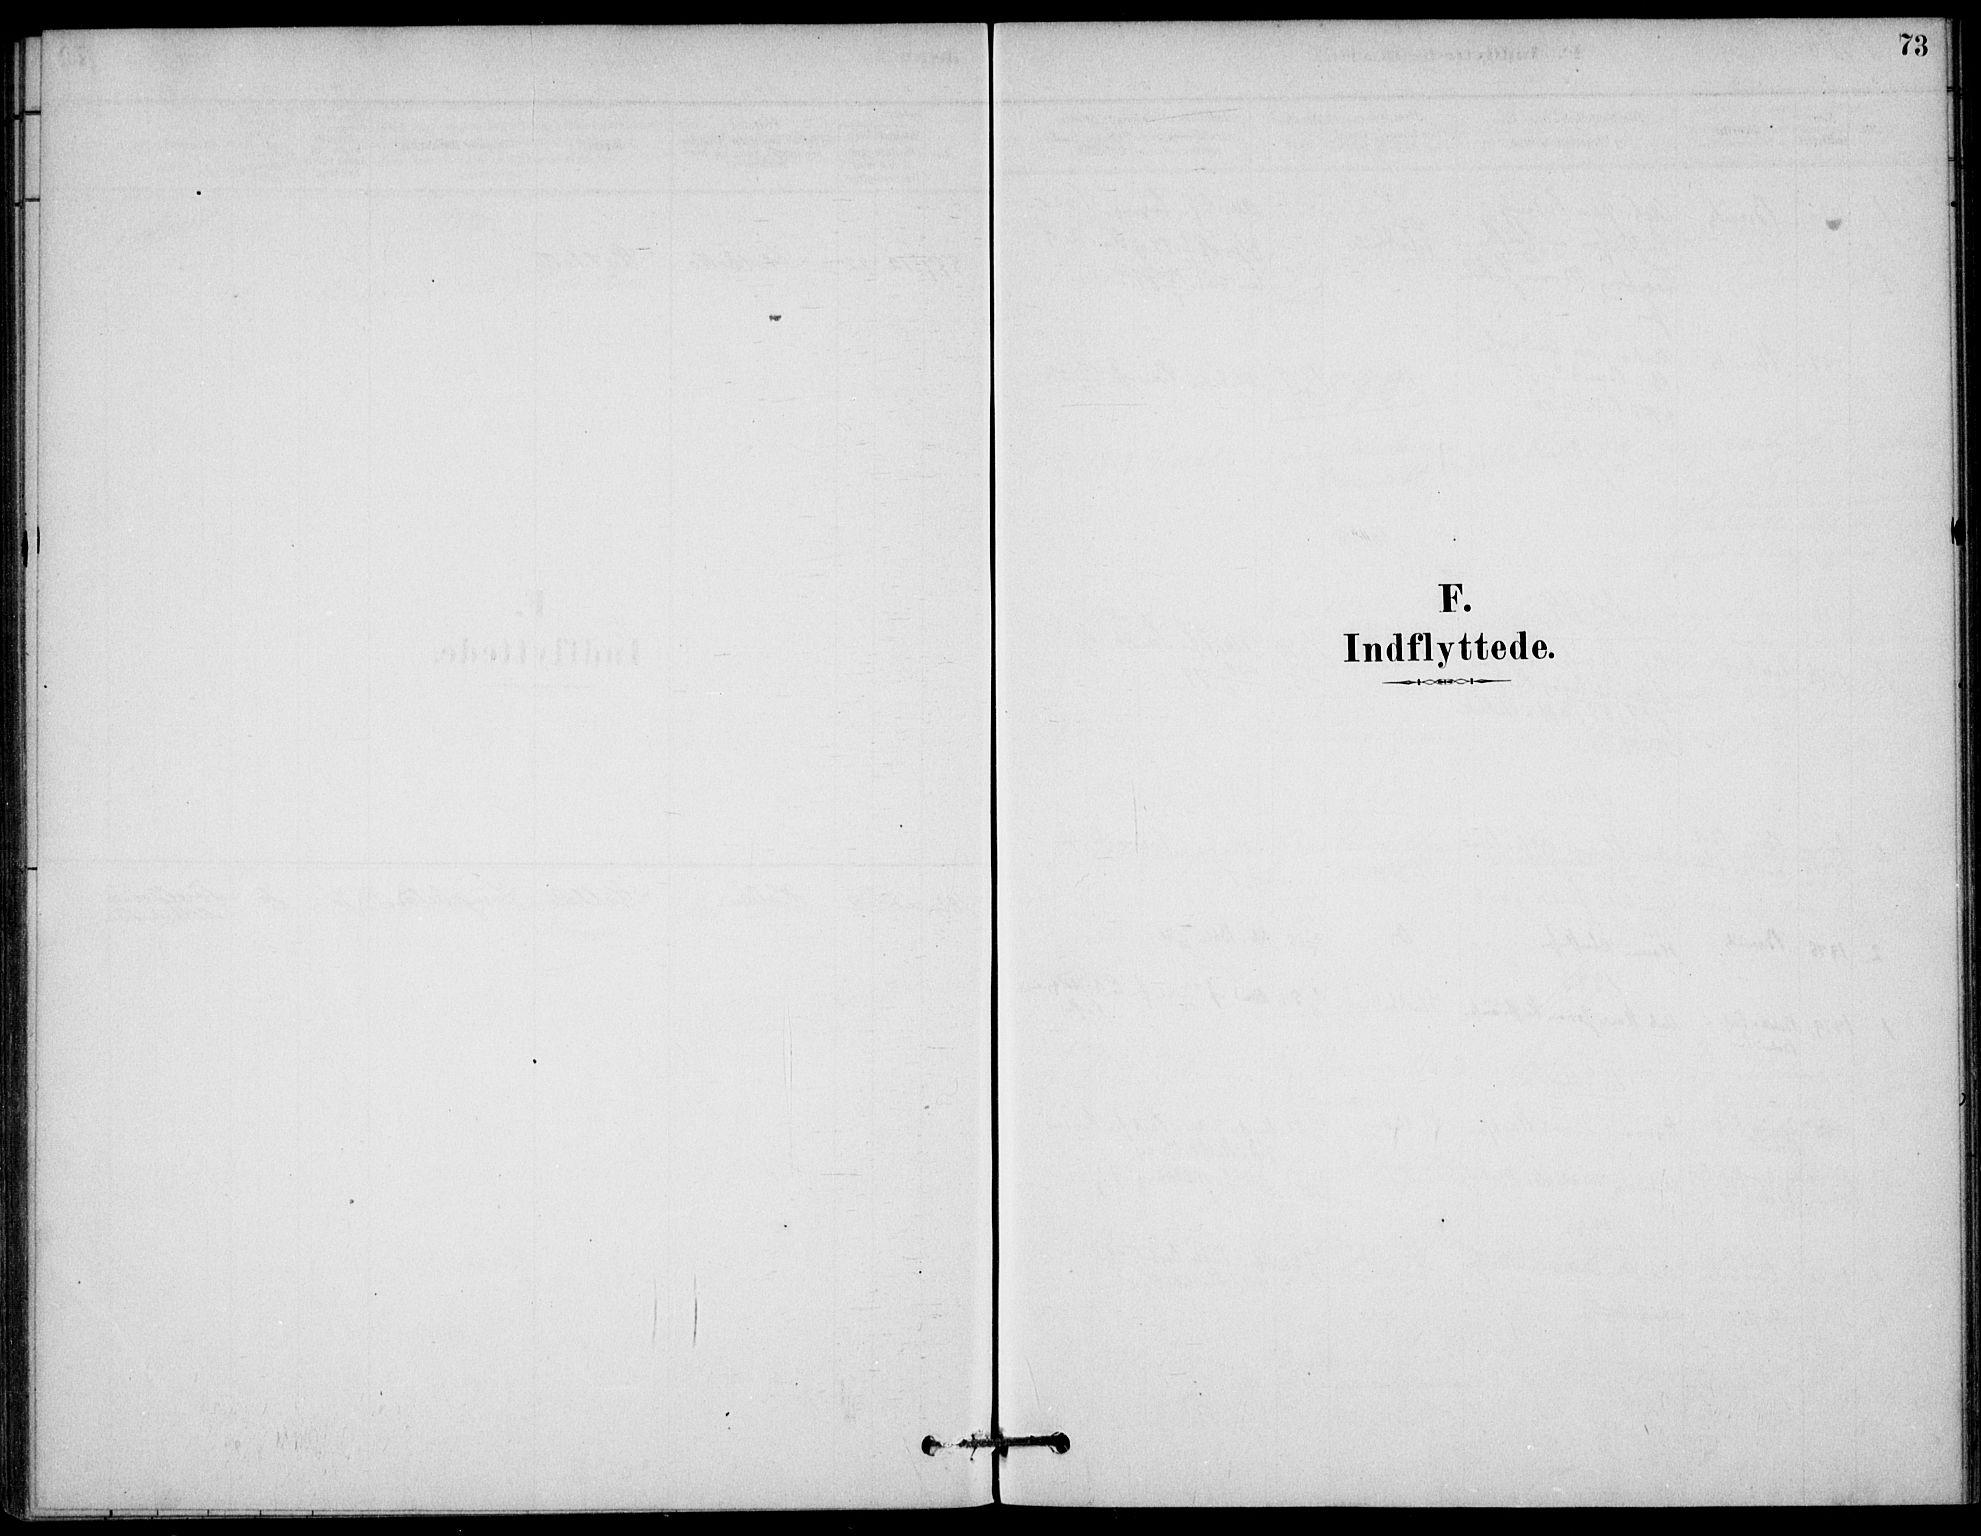 SAKO, Bamble kirkebøker, G/Gb/L0001: Klokkerbok nr. II 1, 1878-1900, s. 73